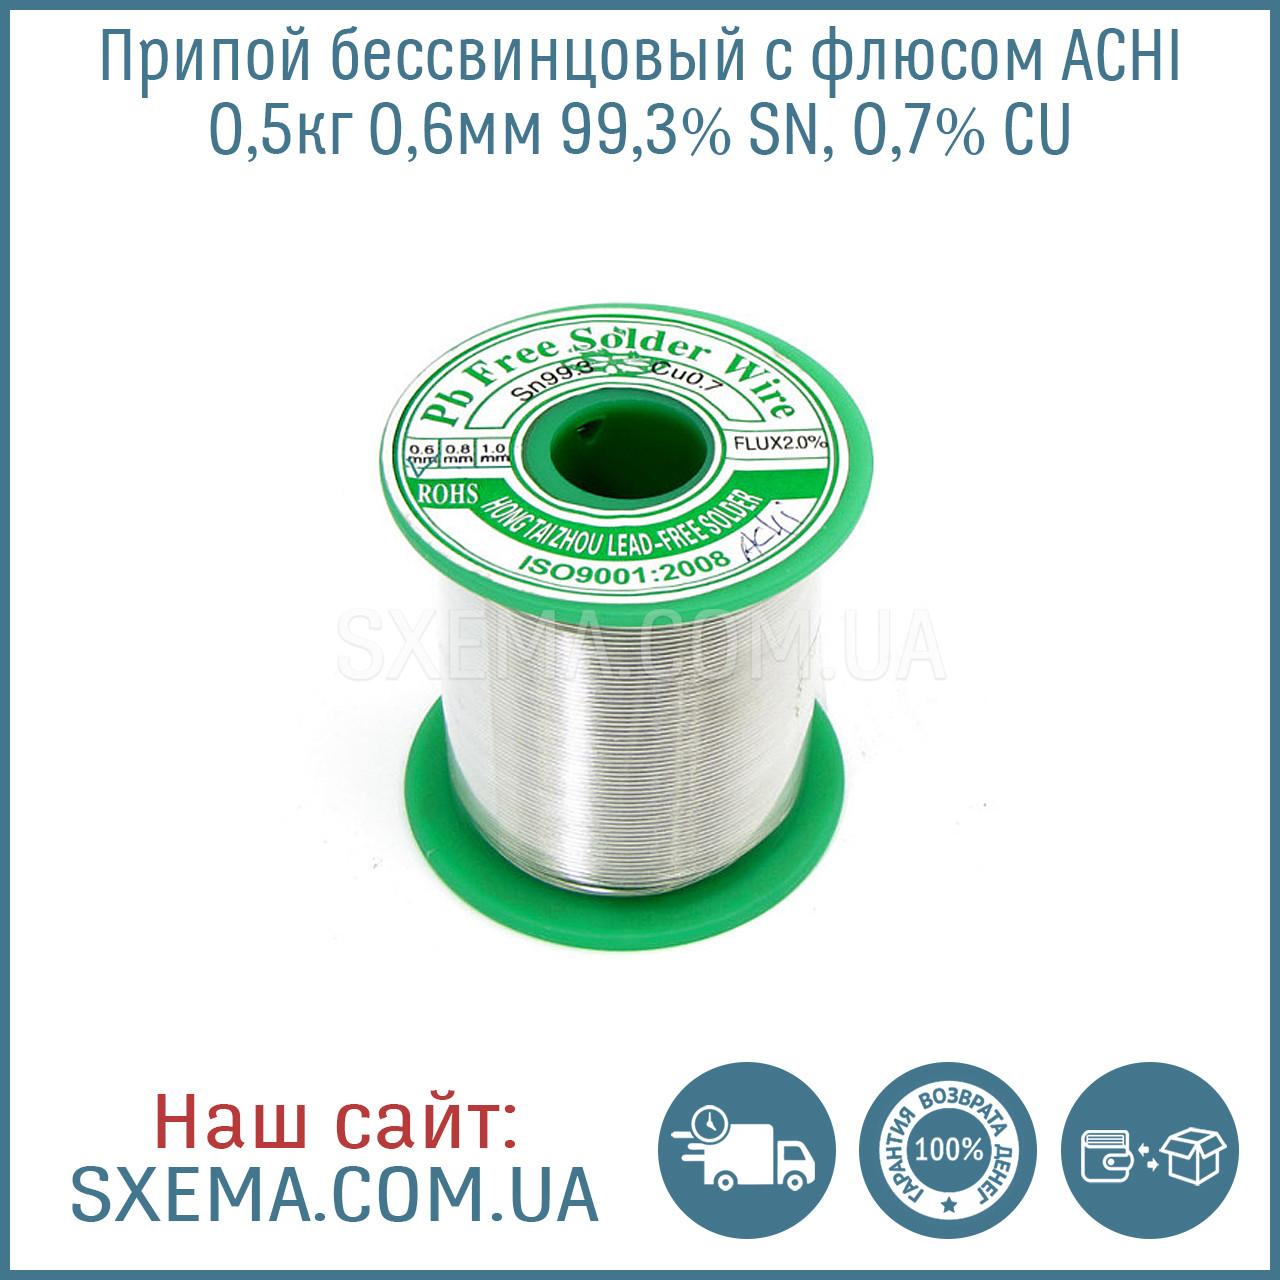 Припой для пайки бессвинцовый c флюсом ACHI  0,5кг 0,6мм 99,3% SN, 0,7% CU